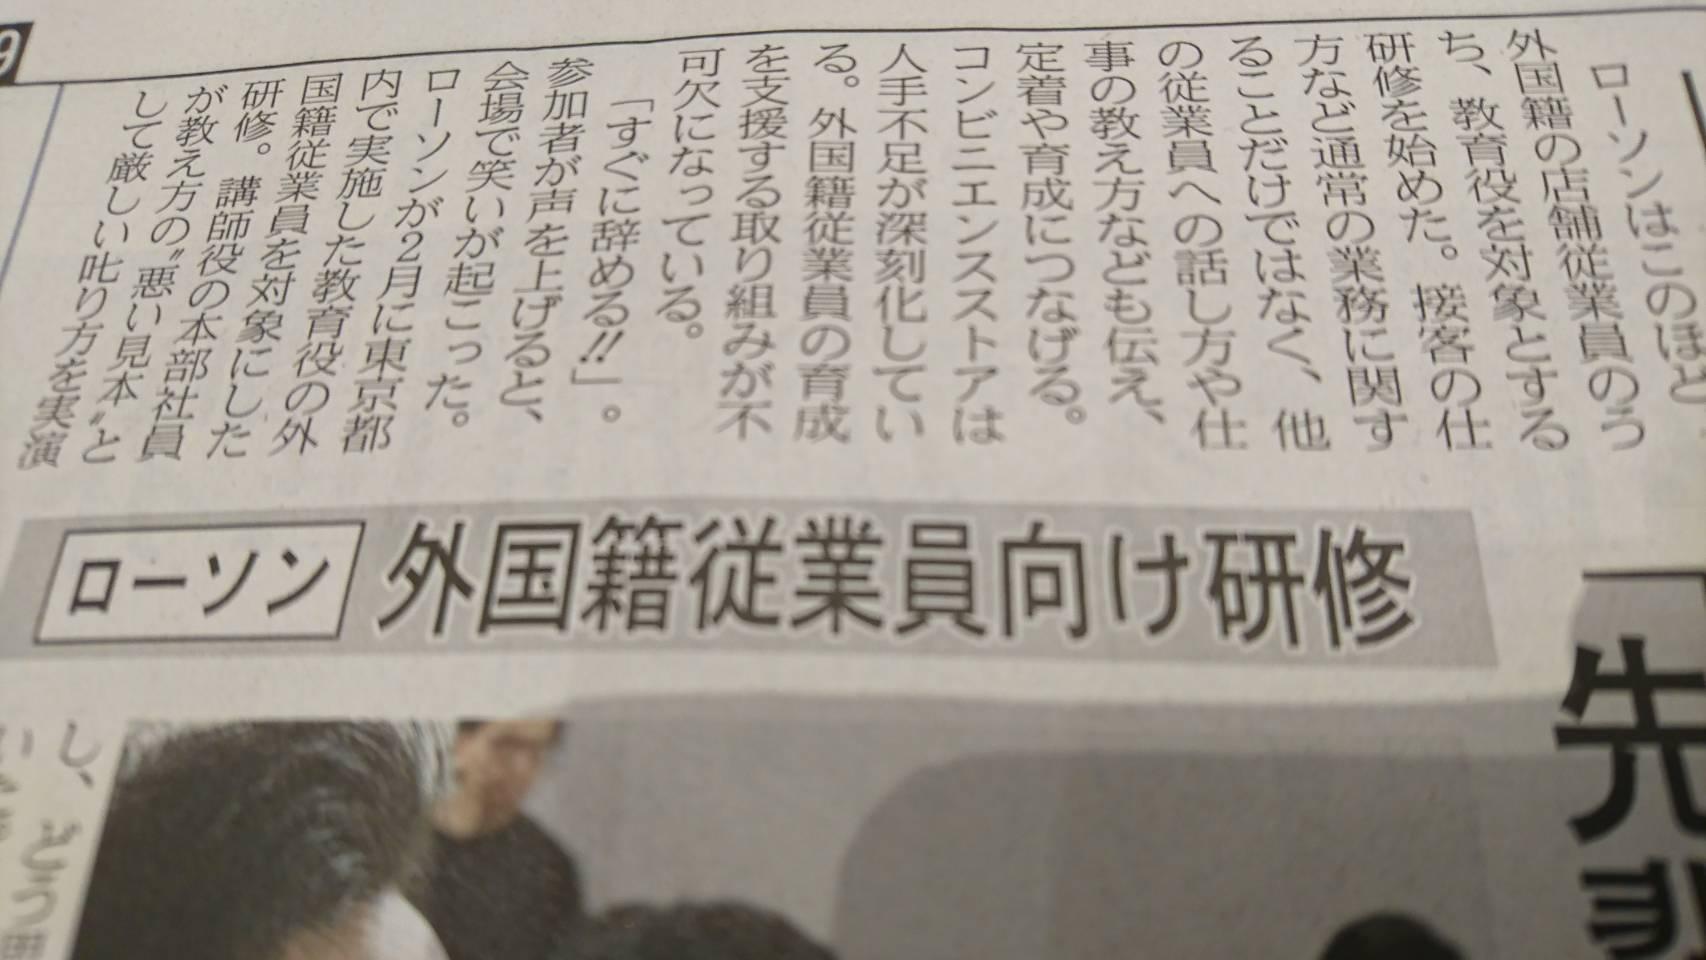 東食サービス株式会社